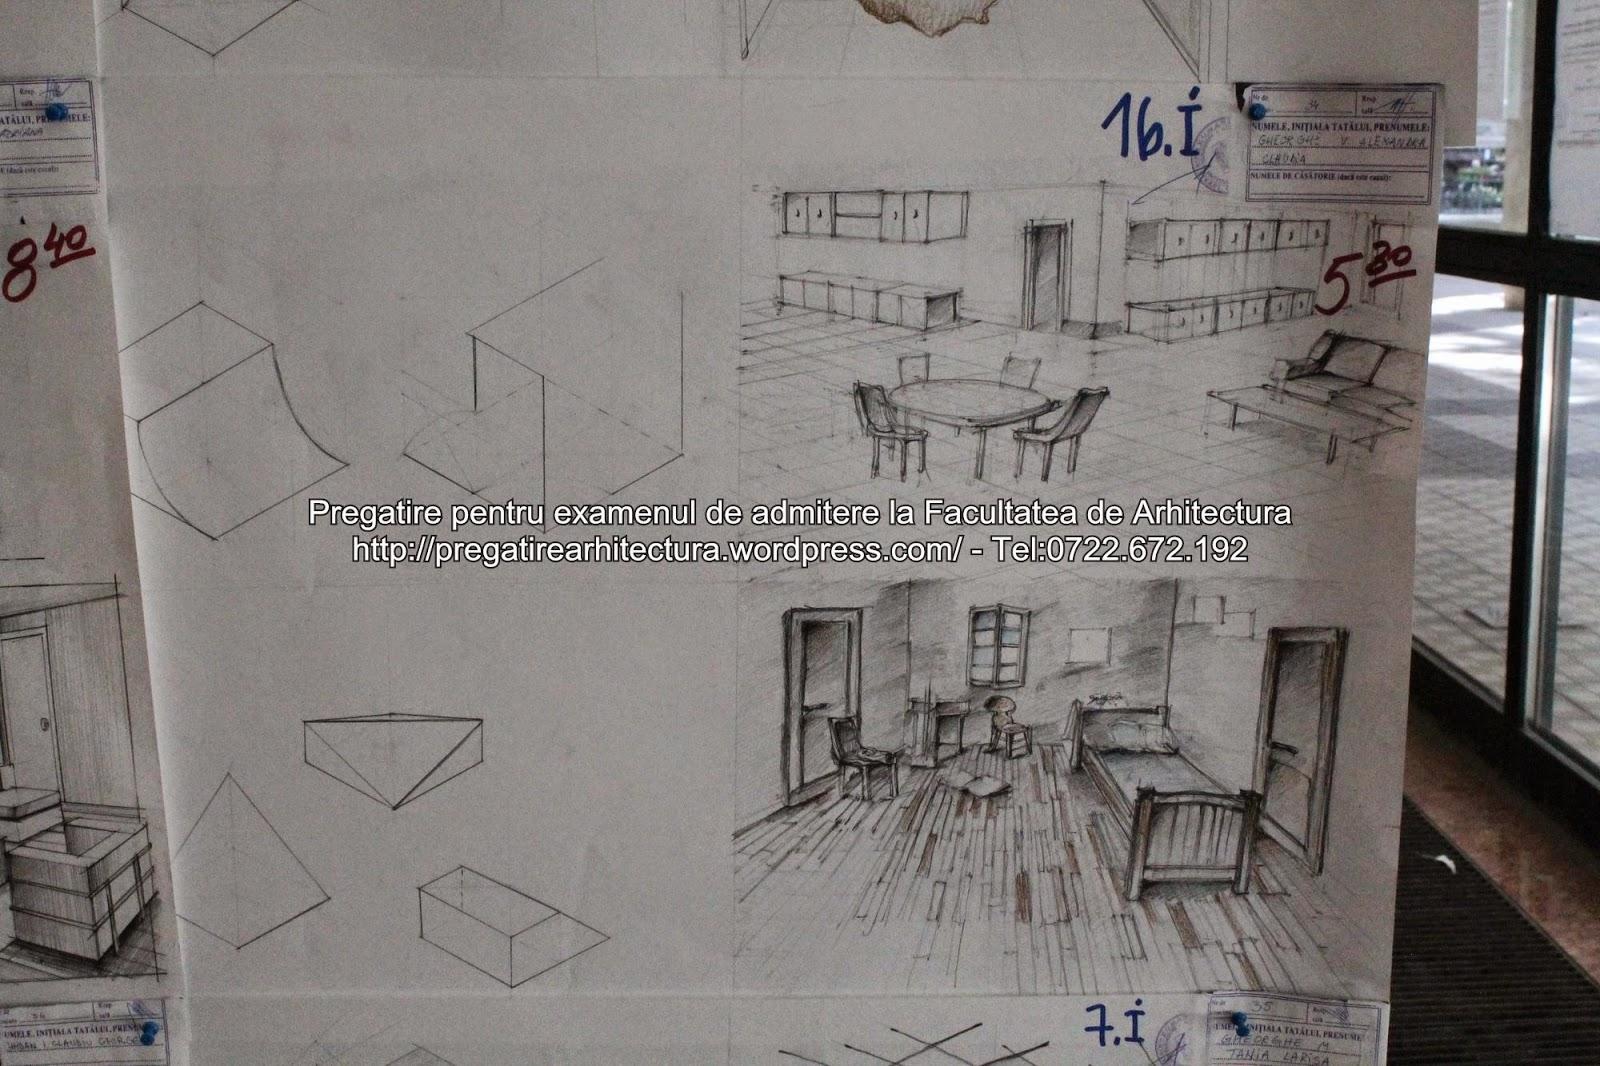 Pregatire Arhitectura Planse Examen Admitere Arhitectura